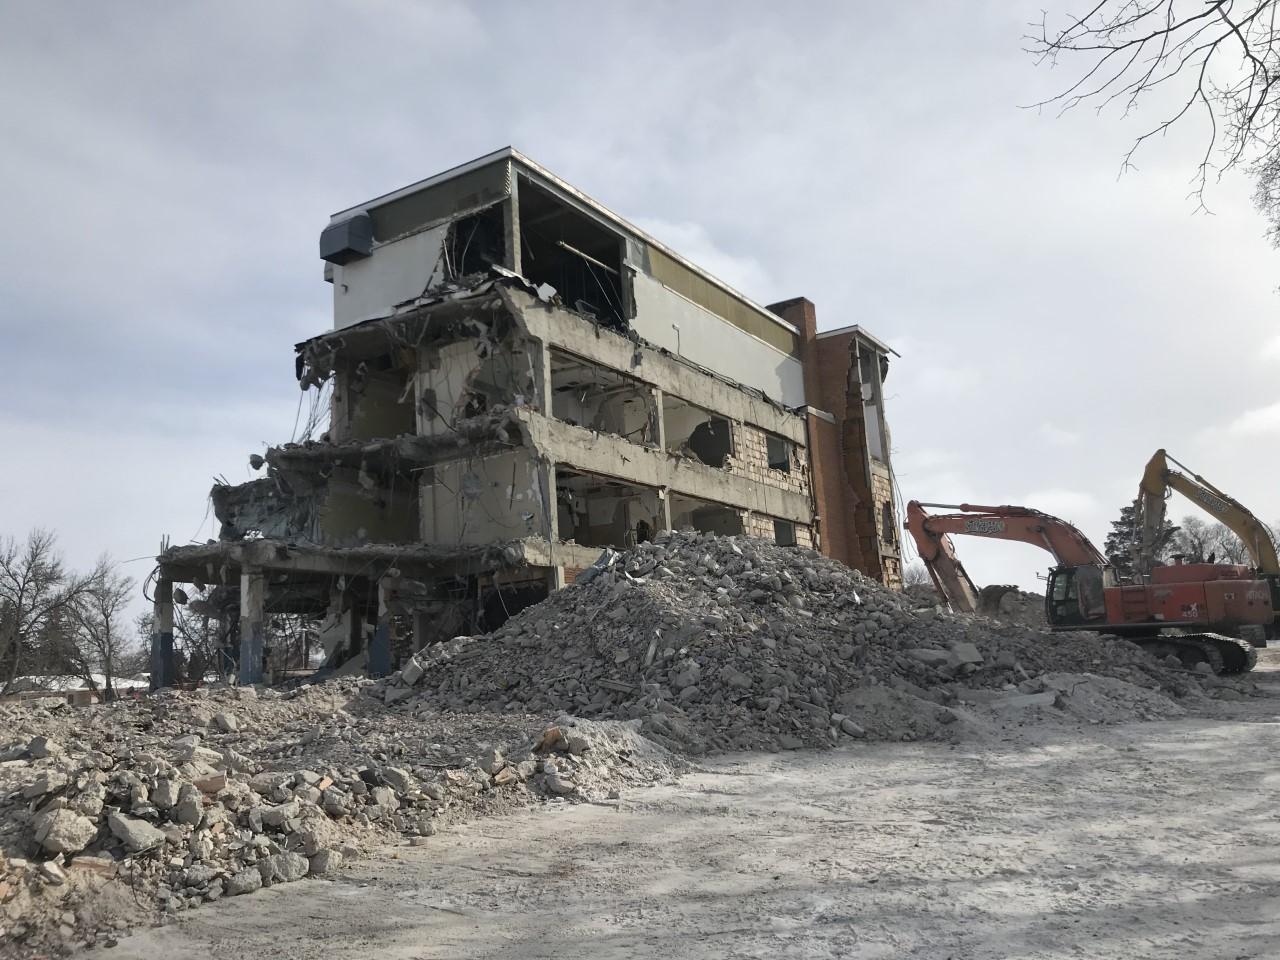 Palliser Regional Care Centre Swift Current, SK Demolition